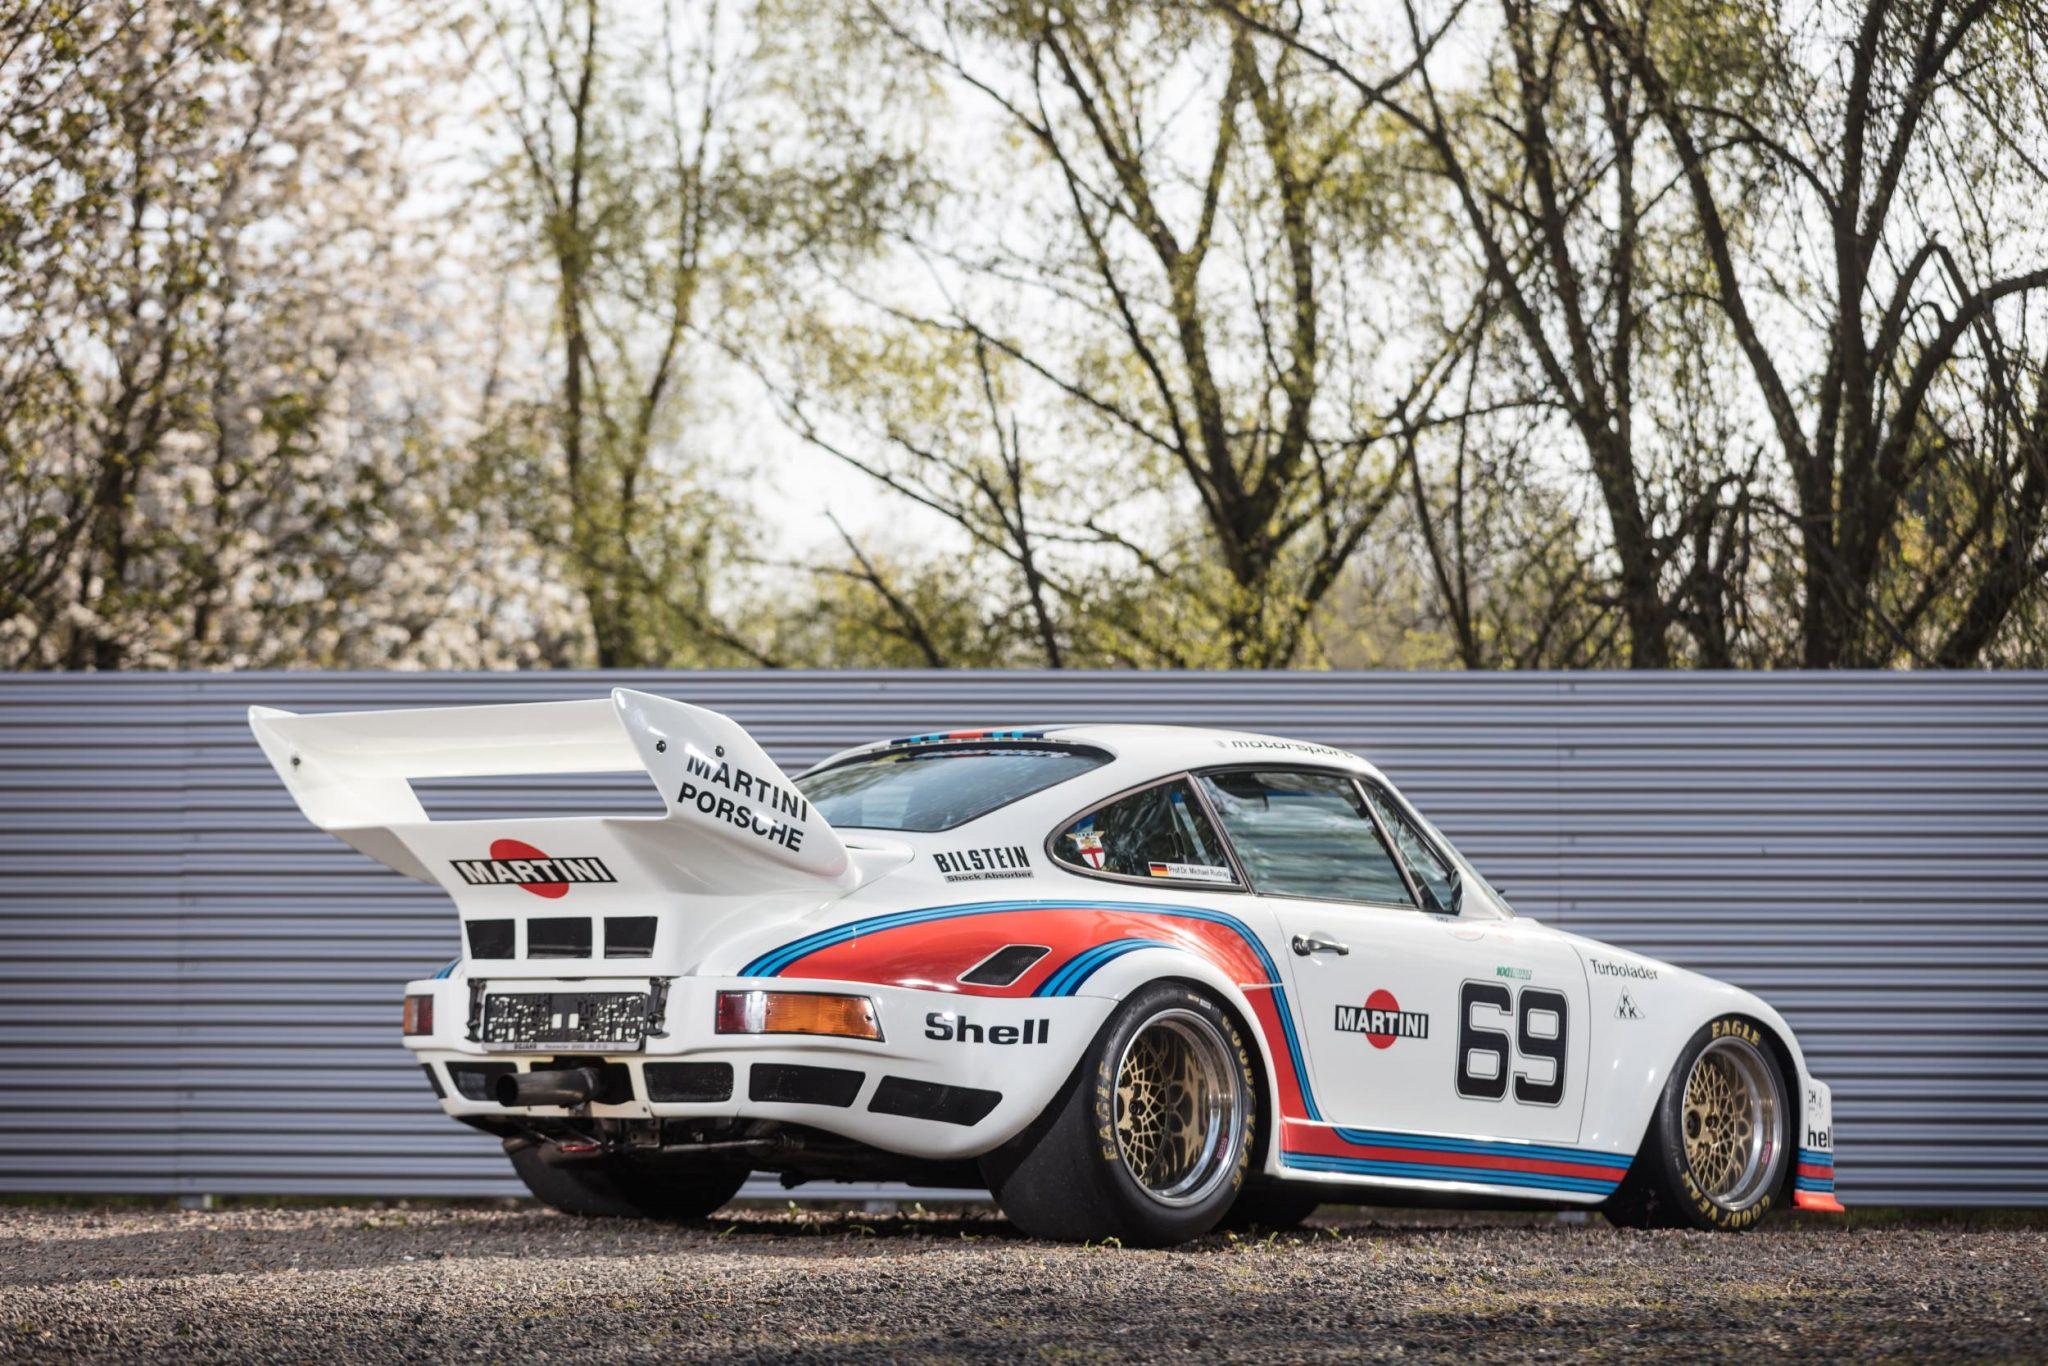 1976 Porsche 934/5 Kremer Group 4